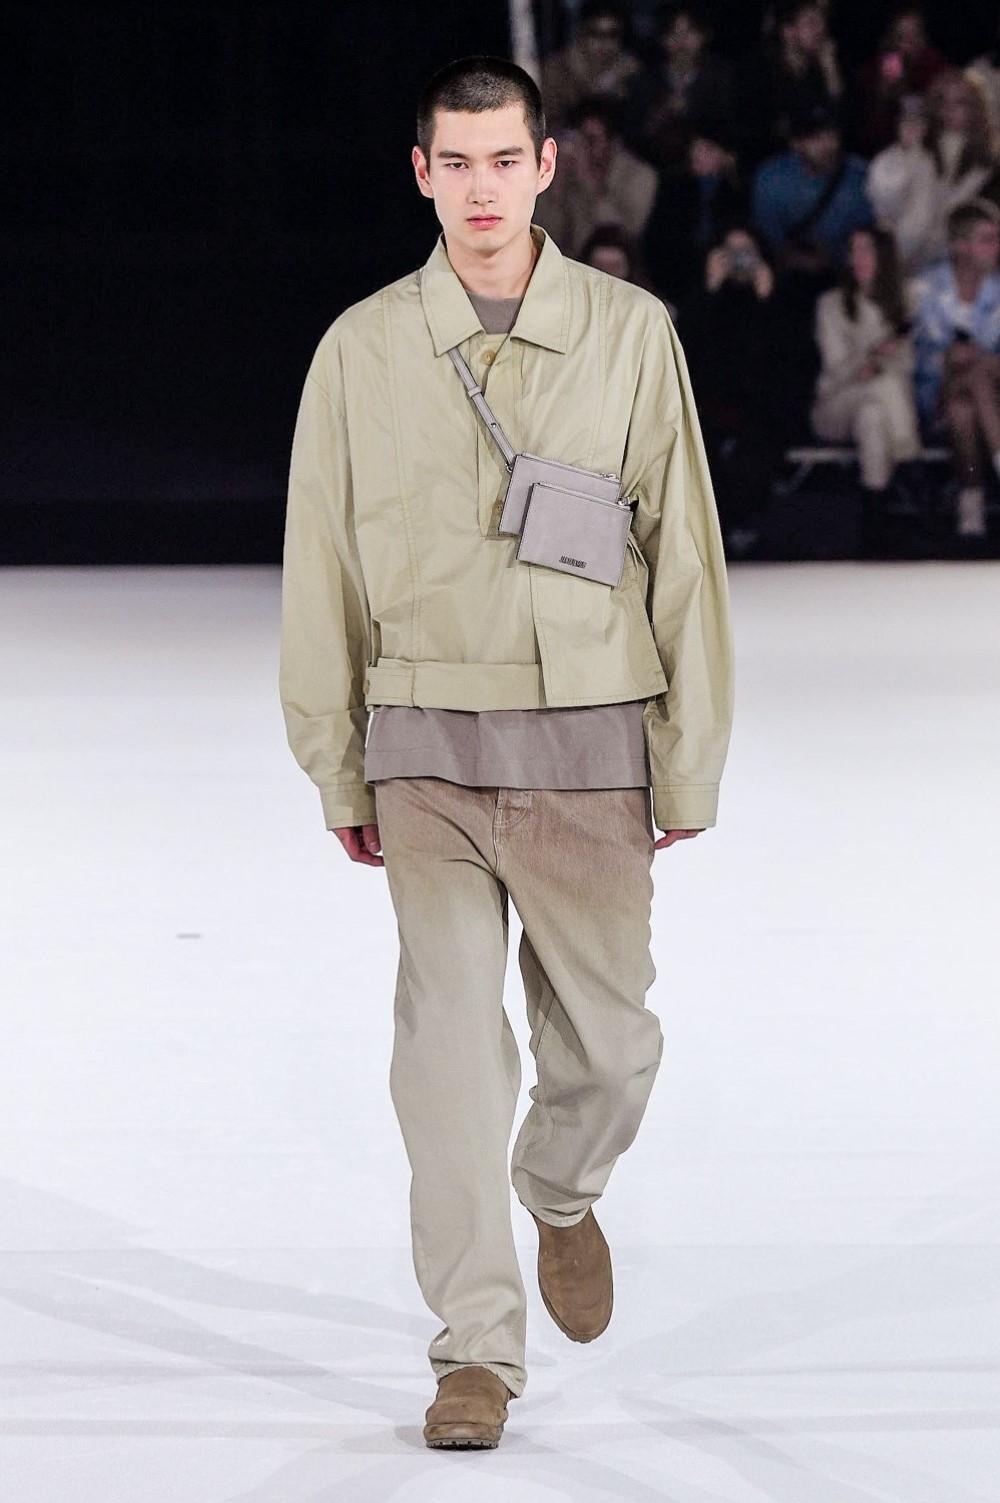 Jacquemus - Automne-Hiver 2020-2021 - Paris Fashion Week